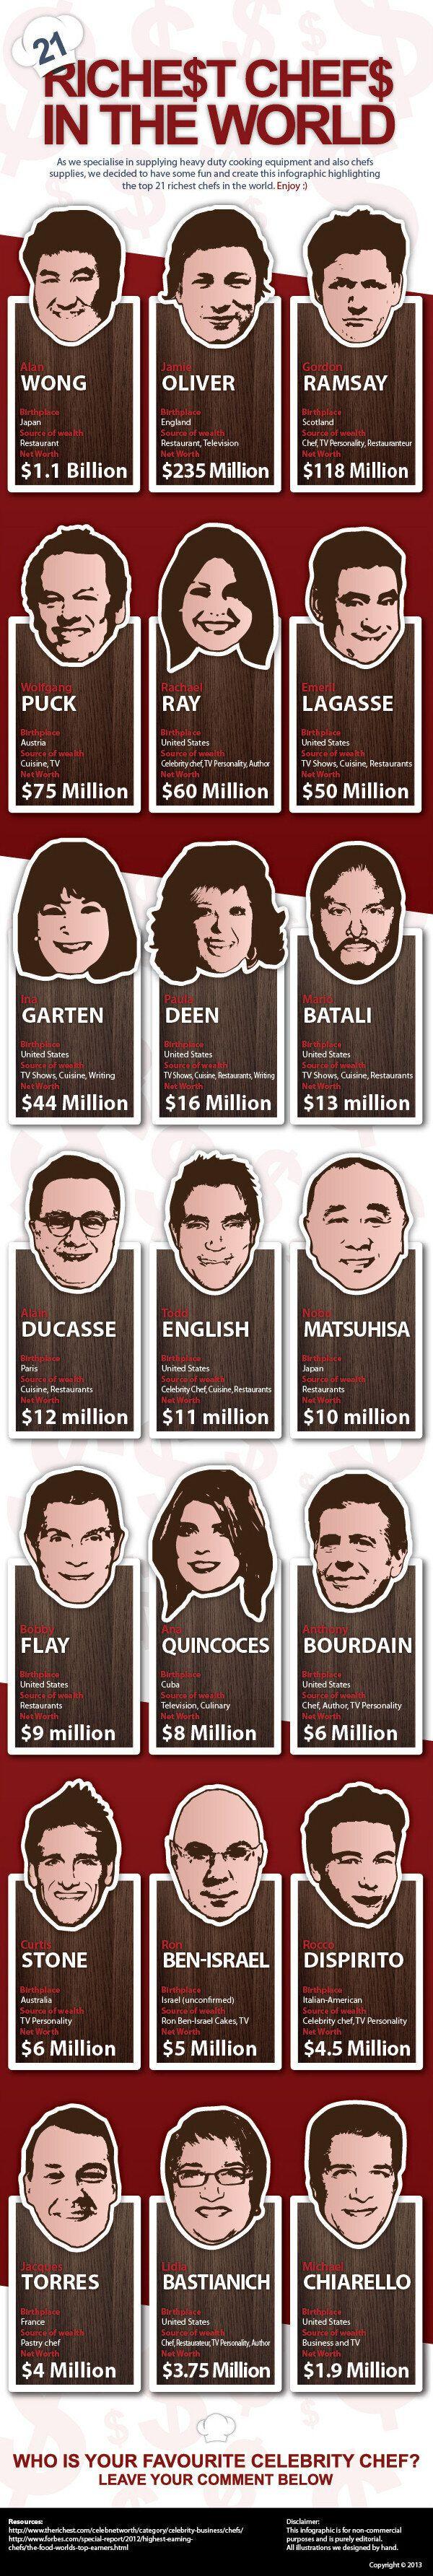 I 21 chef più ricchi del mondo. Alan Wong, Jamie Oliver, Gordon Ramsay, la classifica di Shsonline